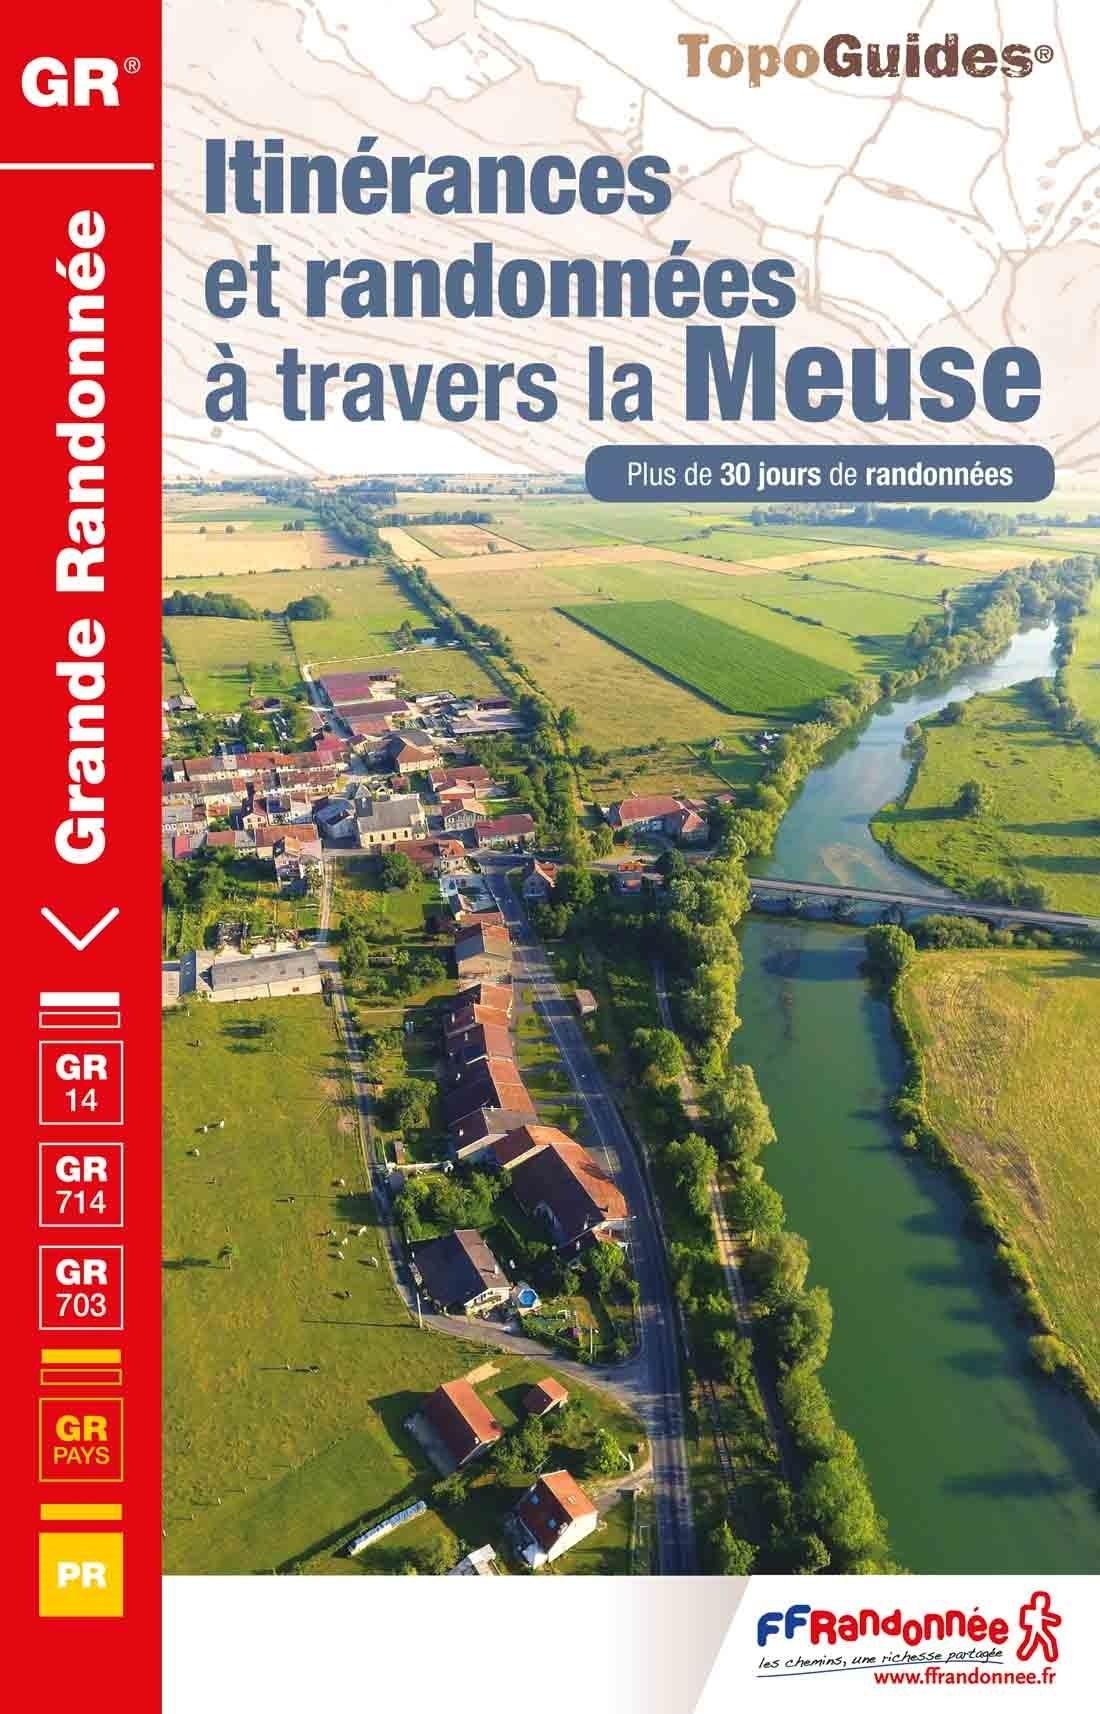 TG-5500 Itinérances et randonnées à travers la Meuse | wandelgids 9782751410161  FFRP topoguides à grande randonnée  Meerdaagse wandelroutes, Wandelgidsen Champagne, Franse Ardennen